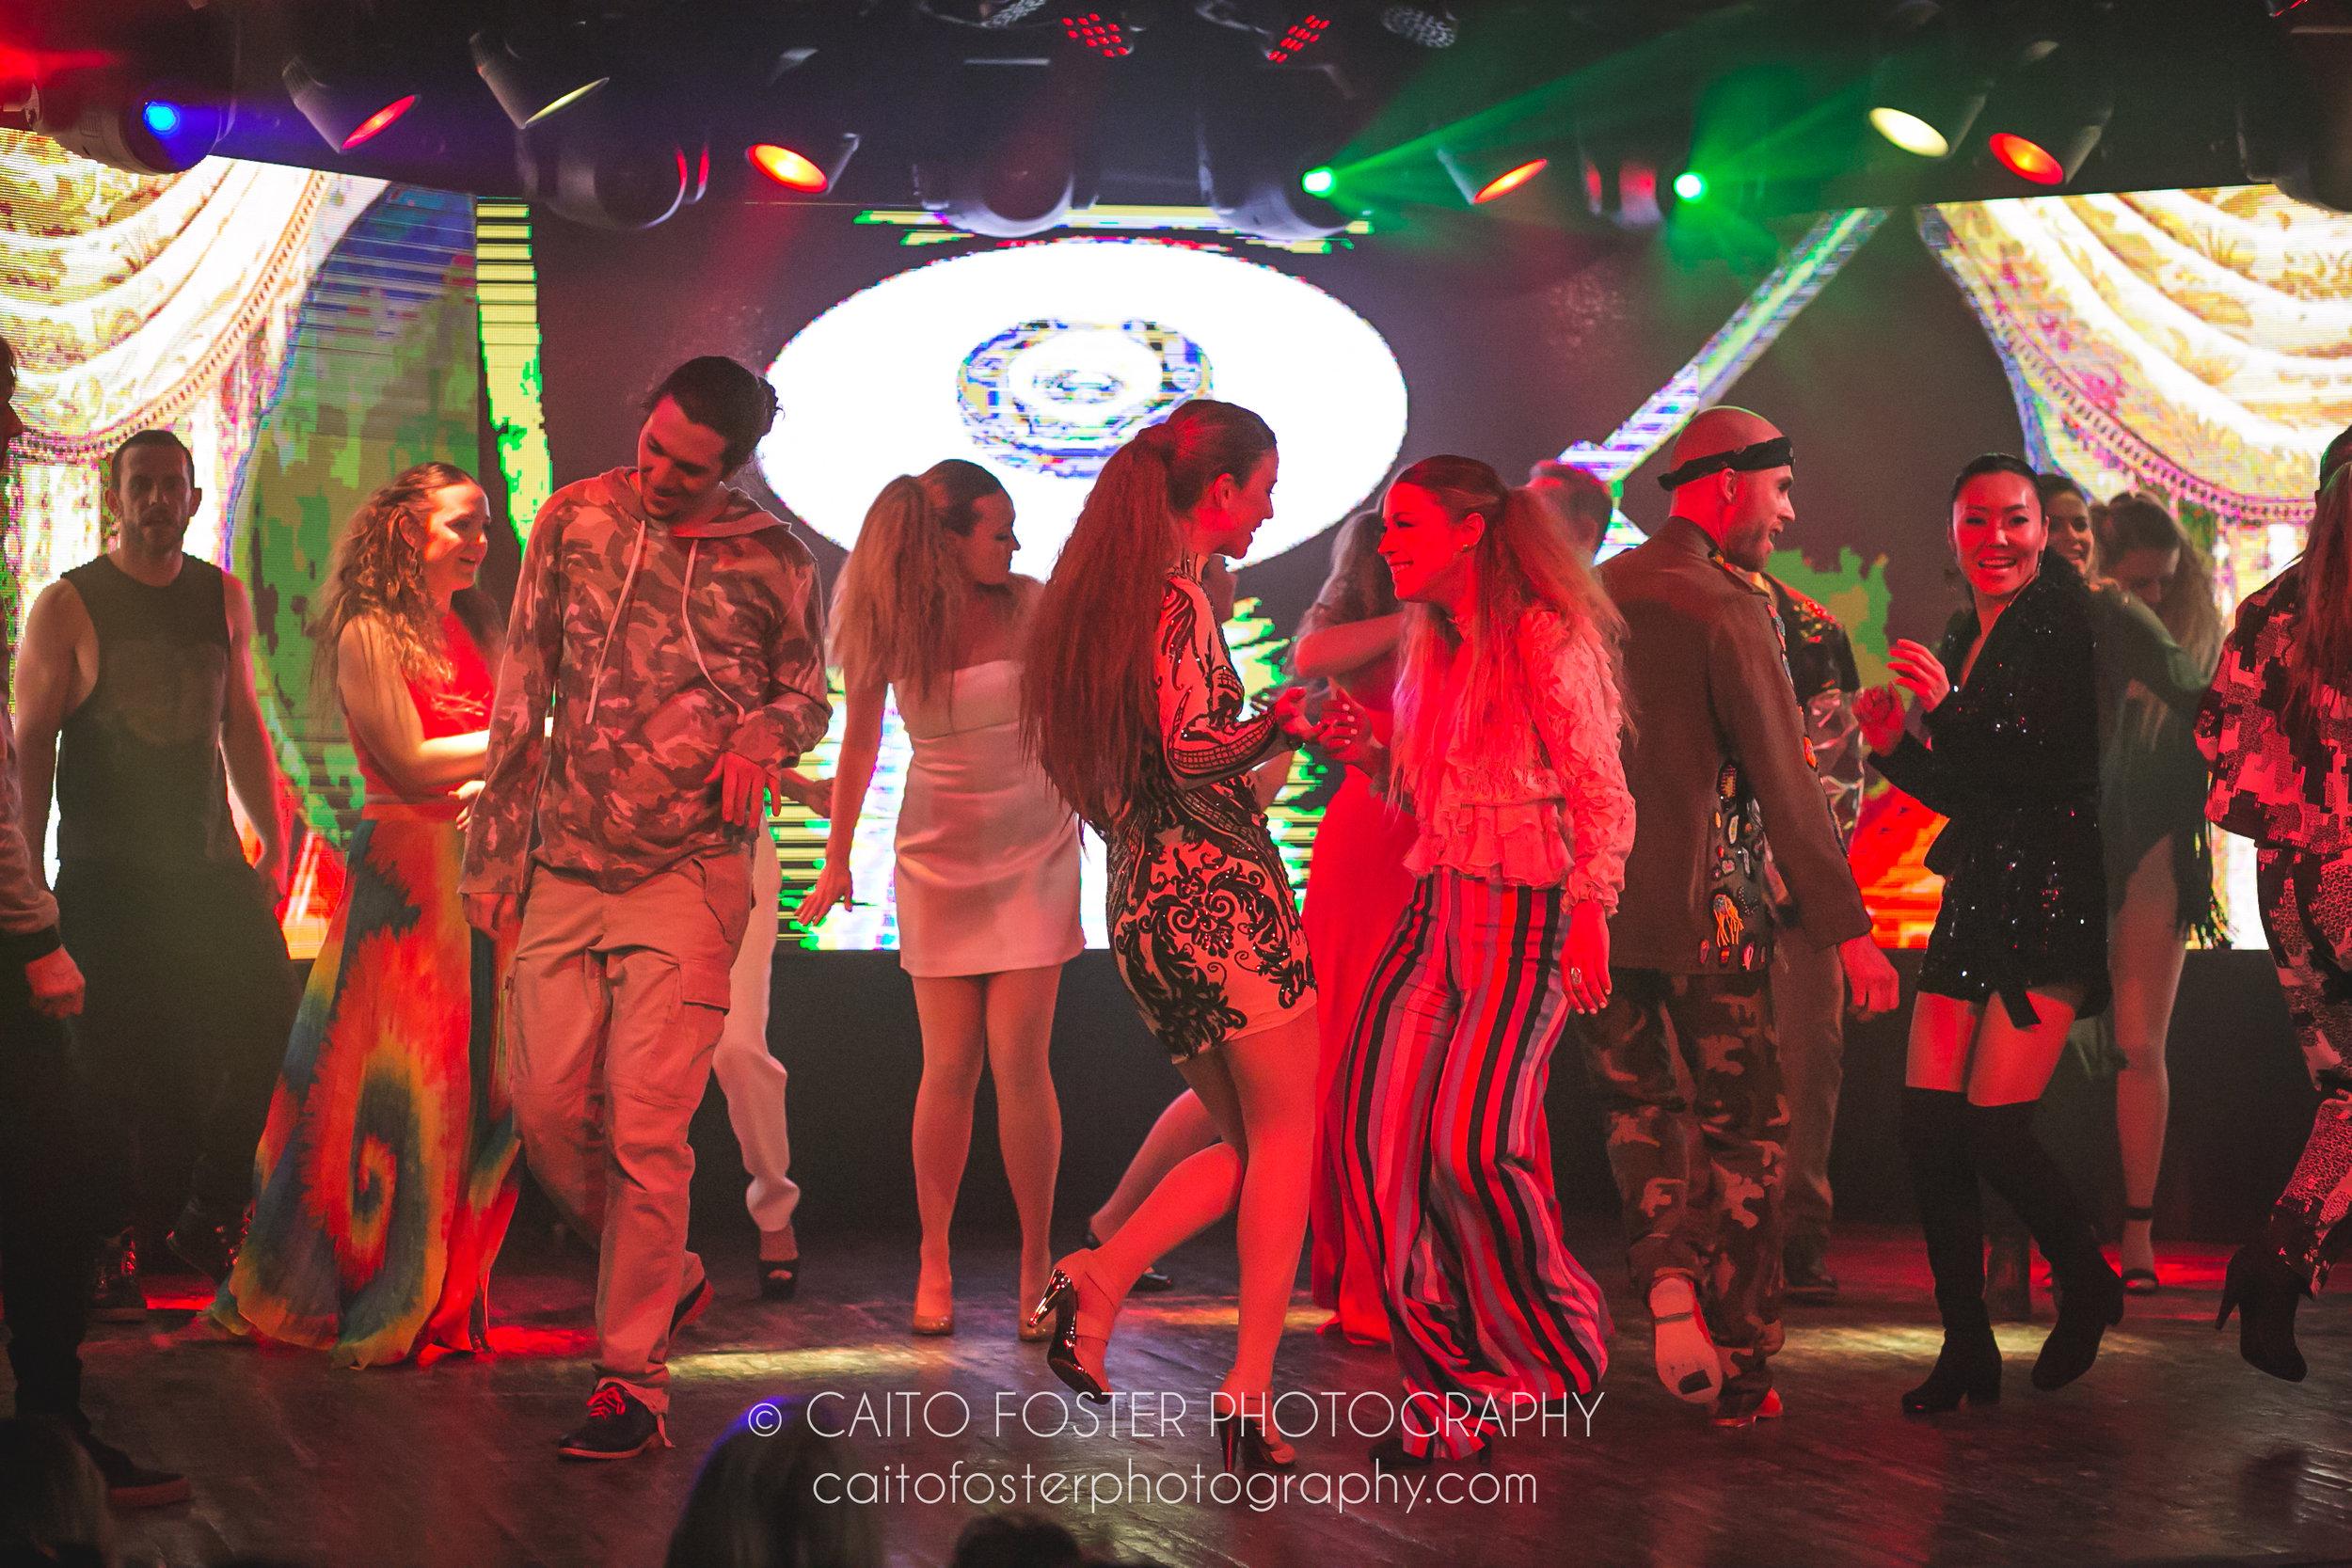 AspenCaresFashionShow2019_CaitoFoster-188.jpg